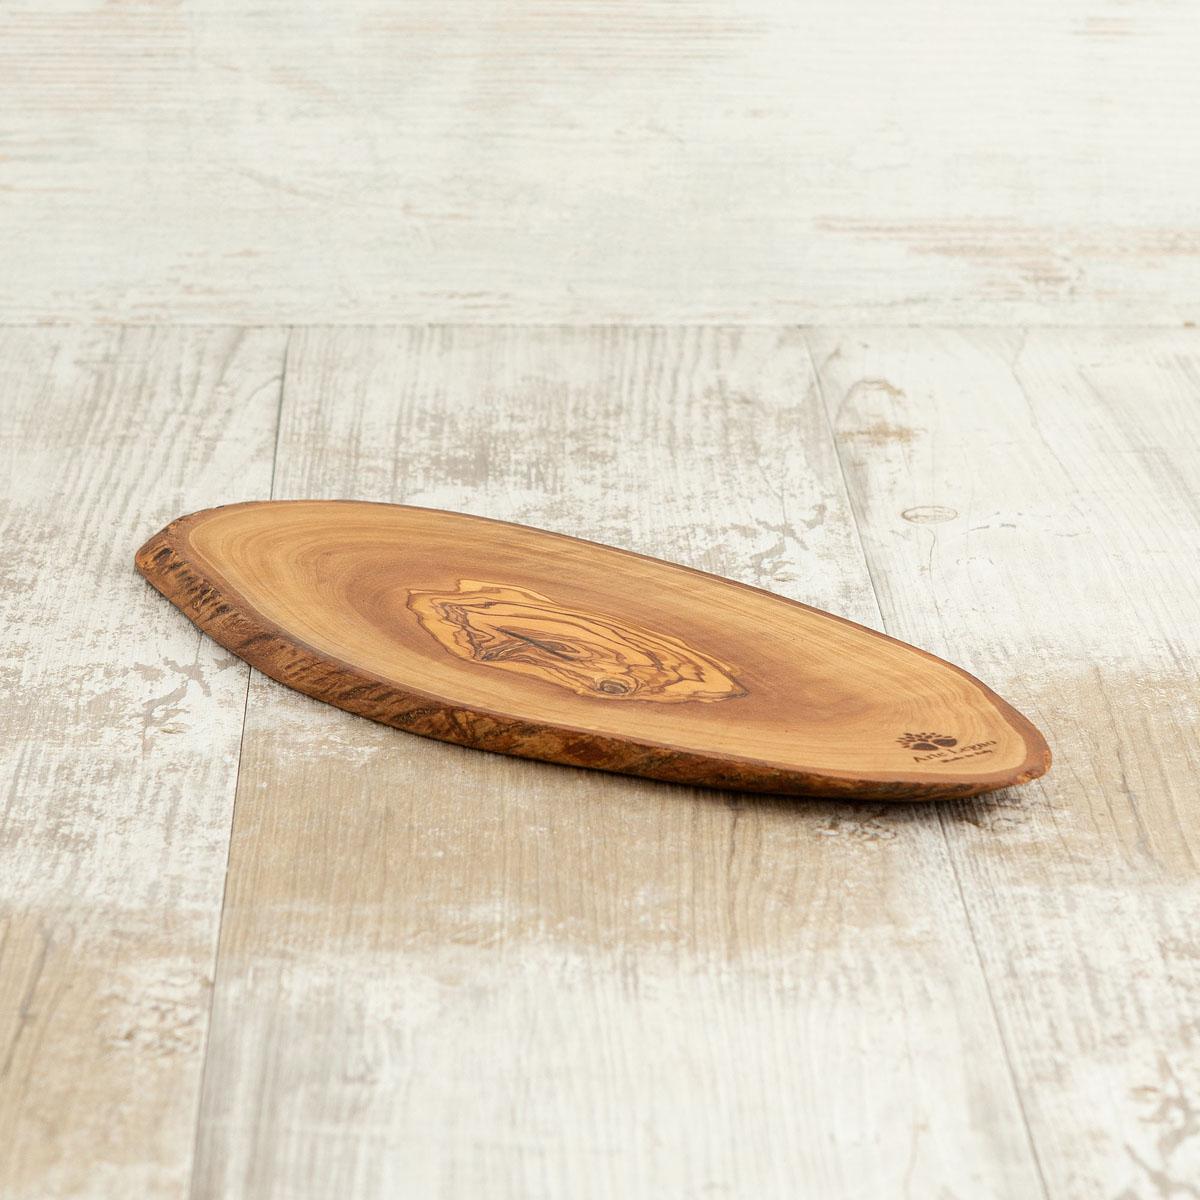 Tagliere fetta rustica in legno di ulivo | Arte Legno